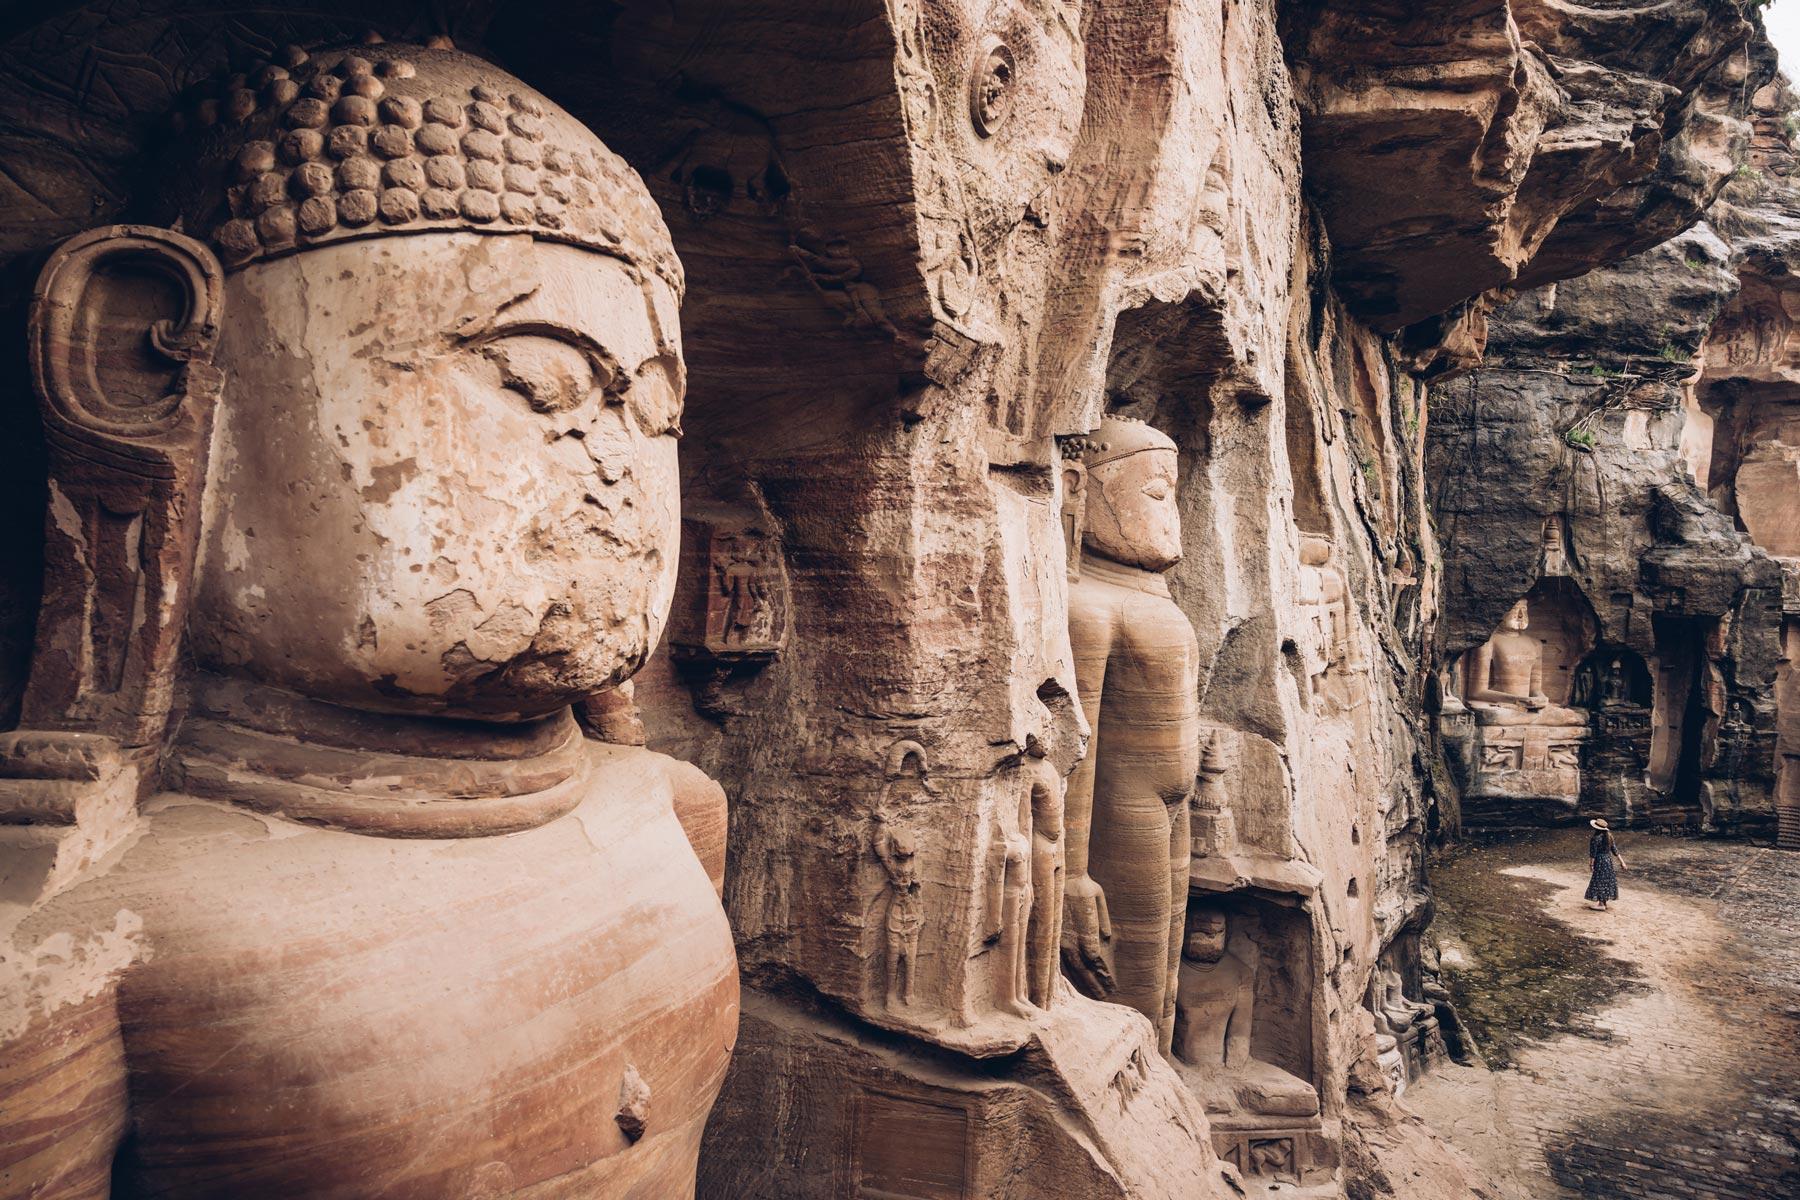 Murs sculptés, Gwalior, Inde